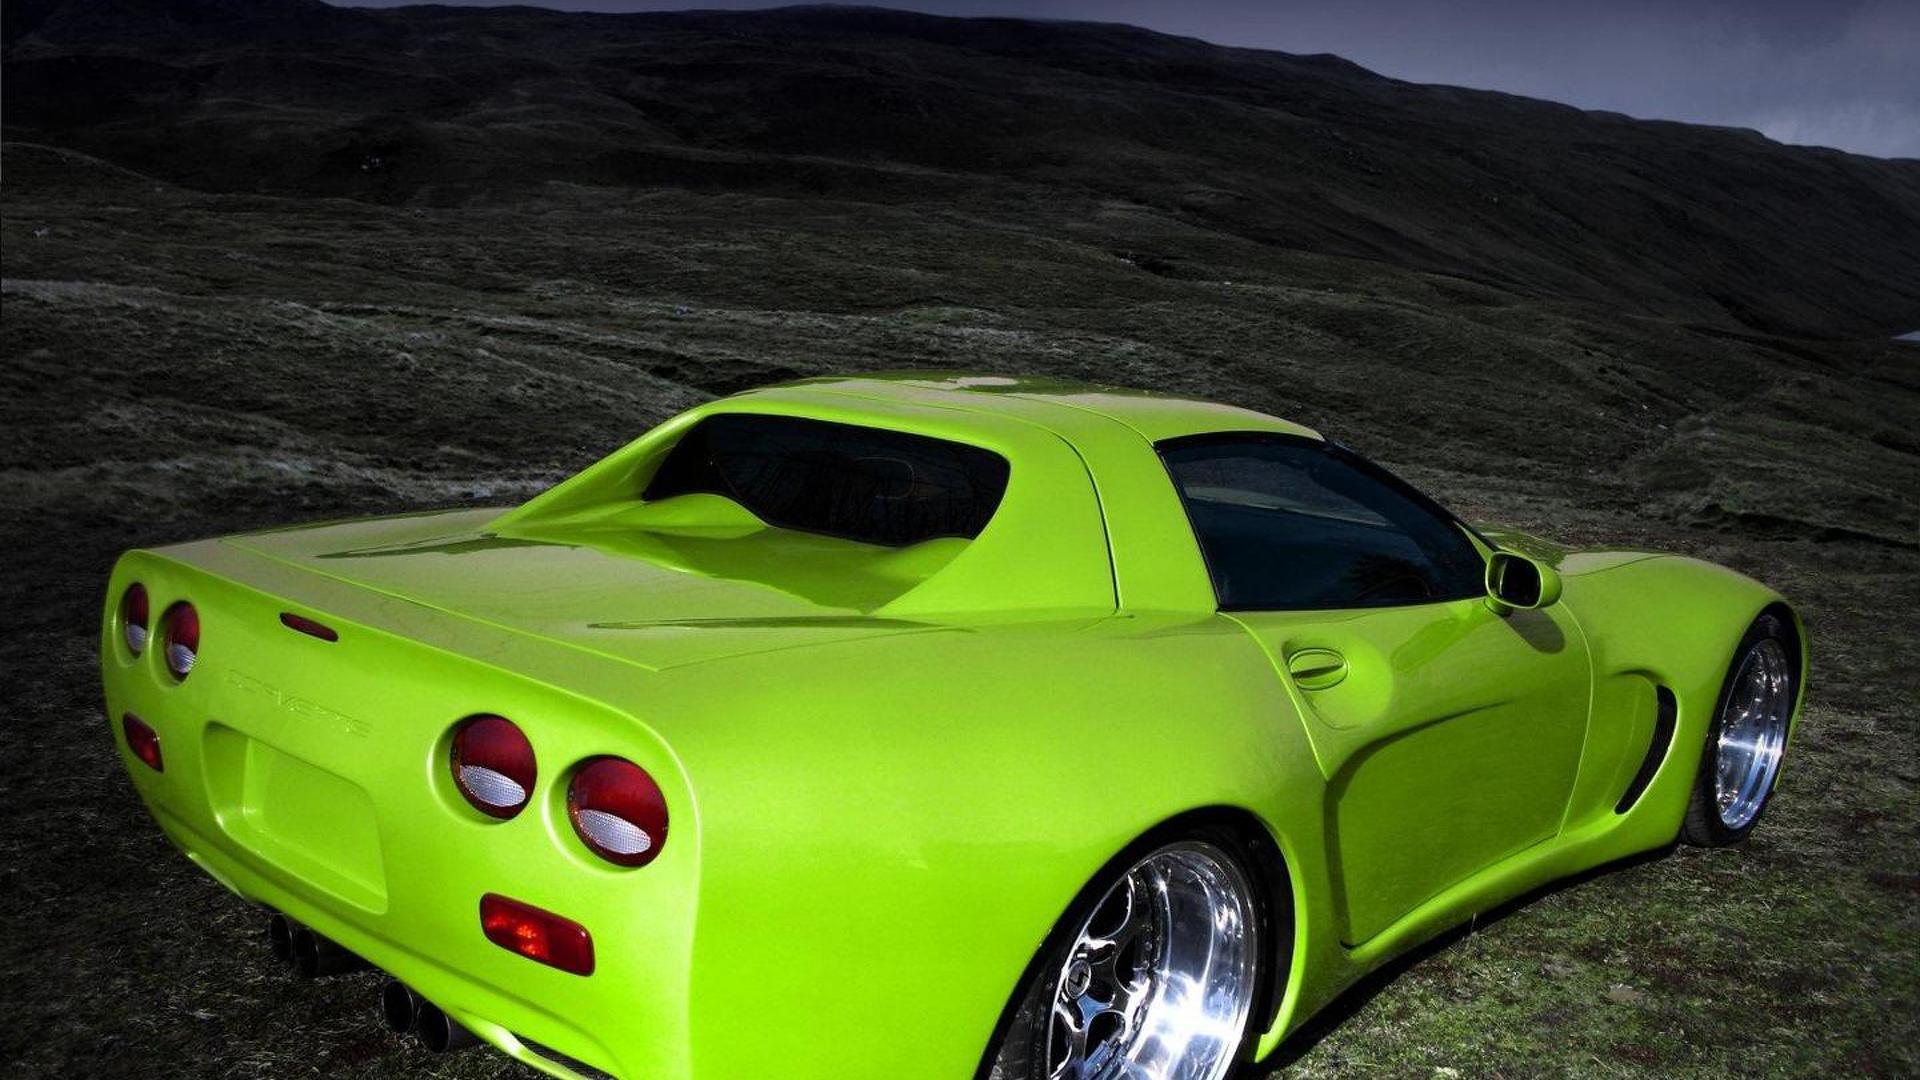 Corvette C5 gets scissor doors and old school vertical rear window